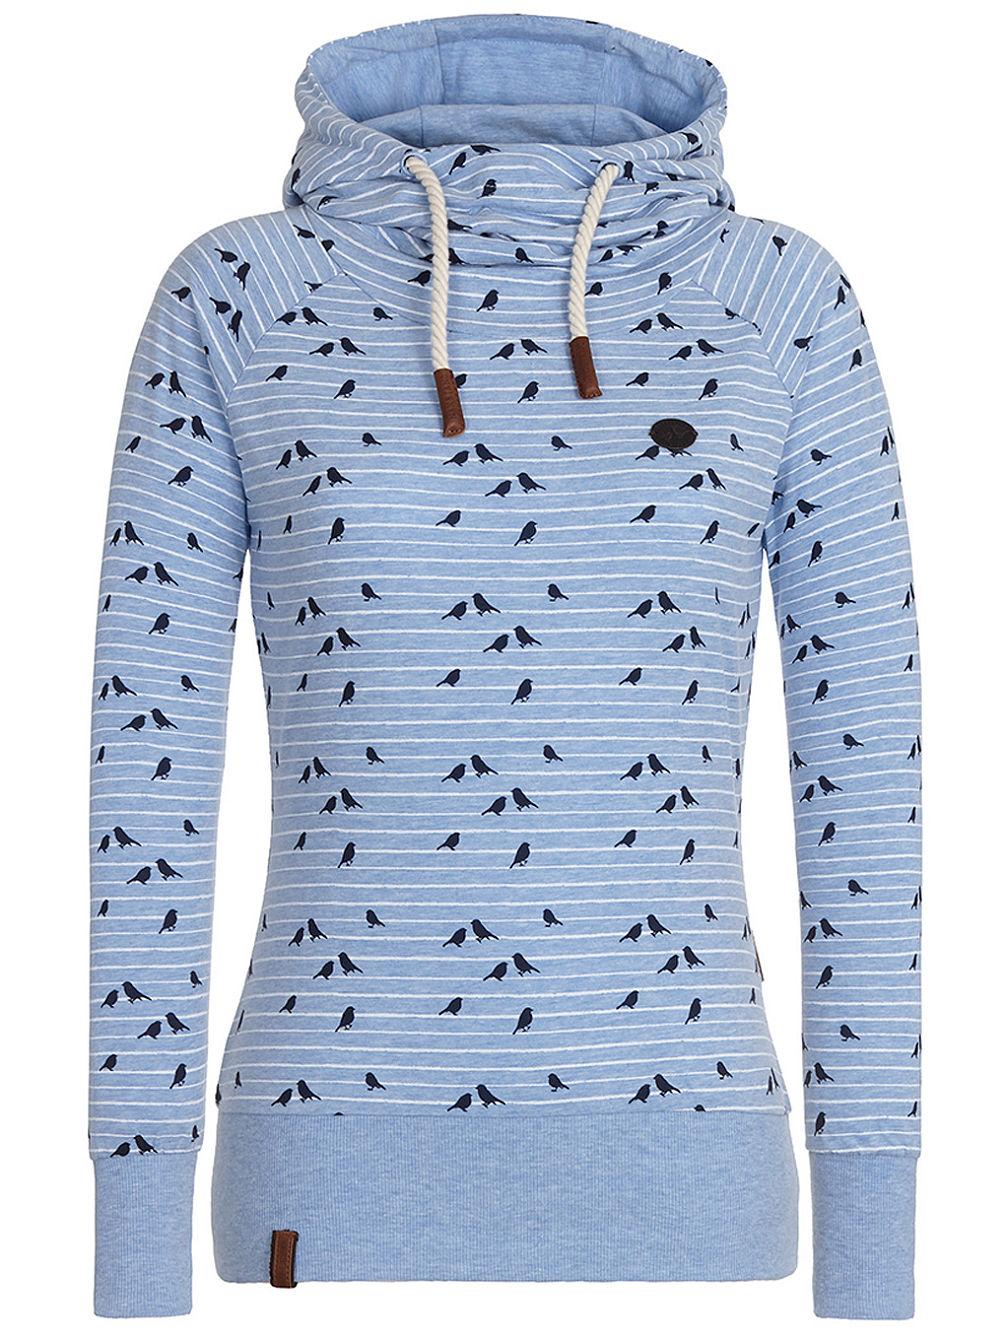 naketano mandy spatzl vii hoodie online kaufen bei blue. Black Bedroom Furniture Sets. Home Design Ideas